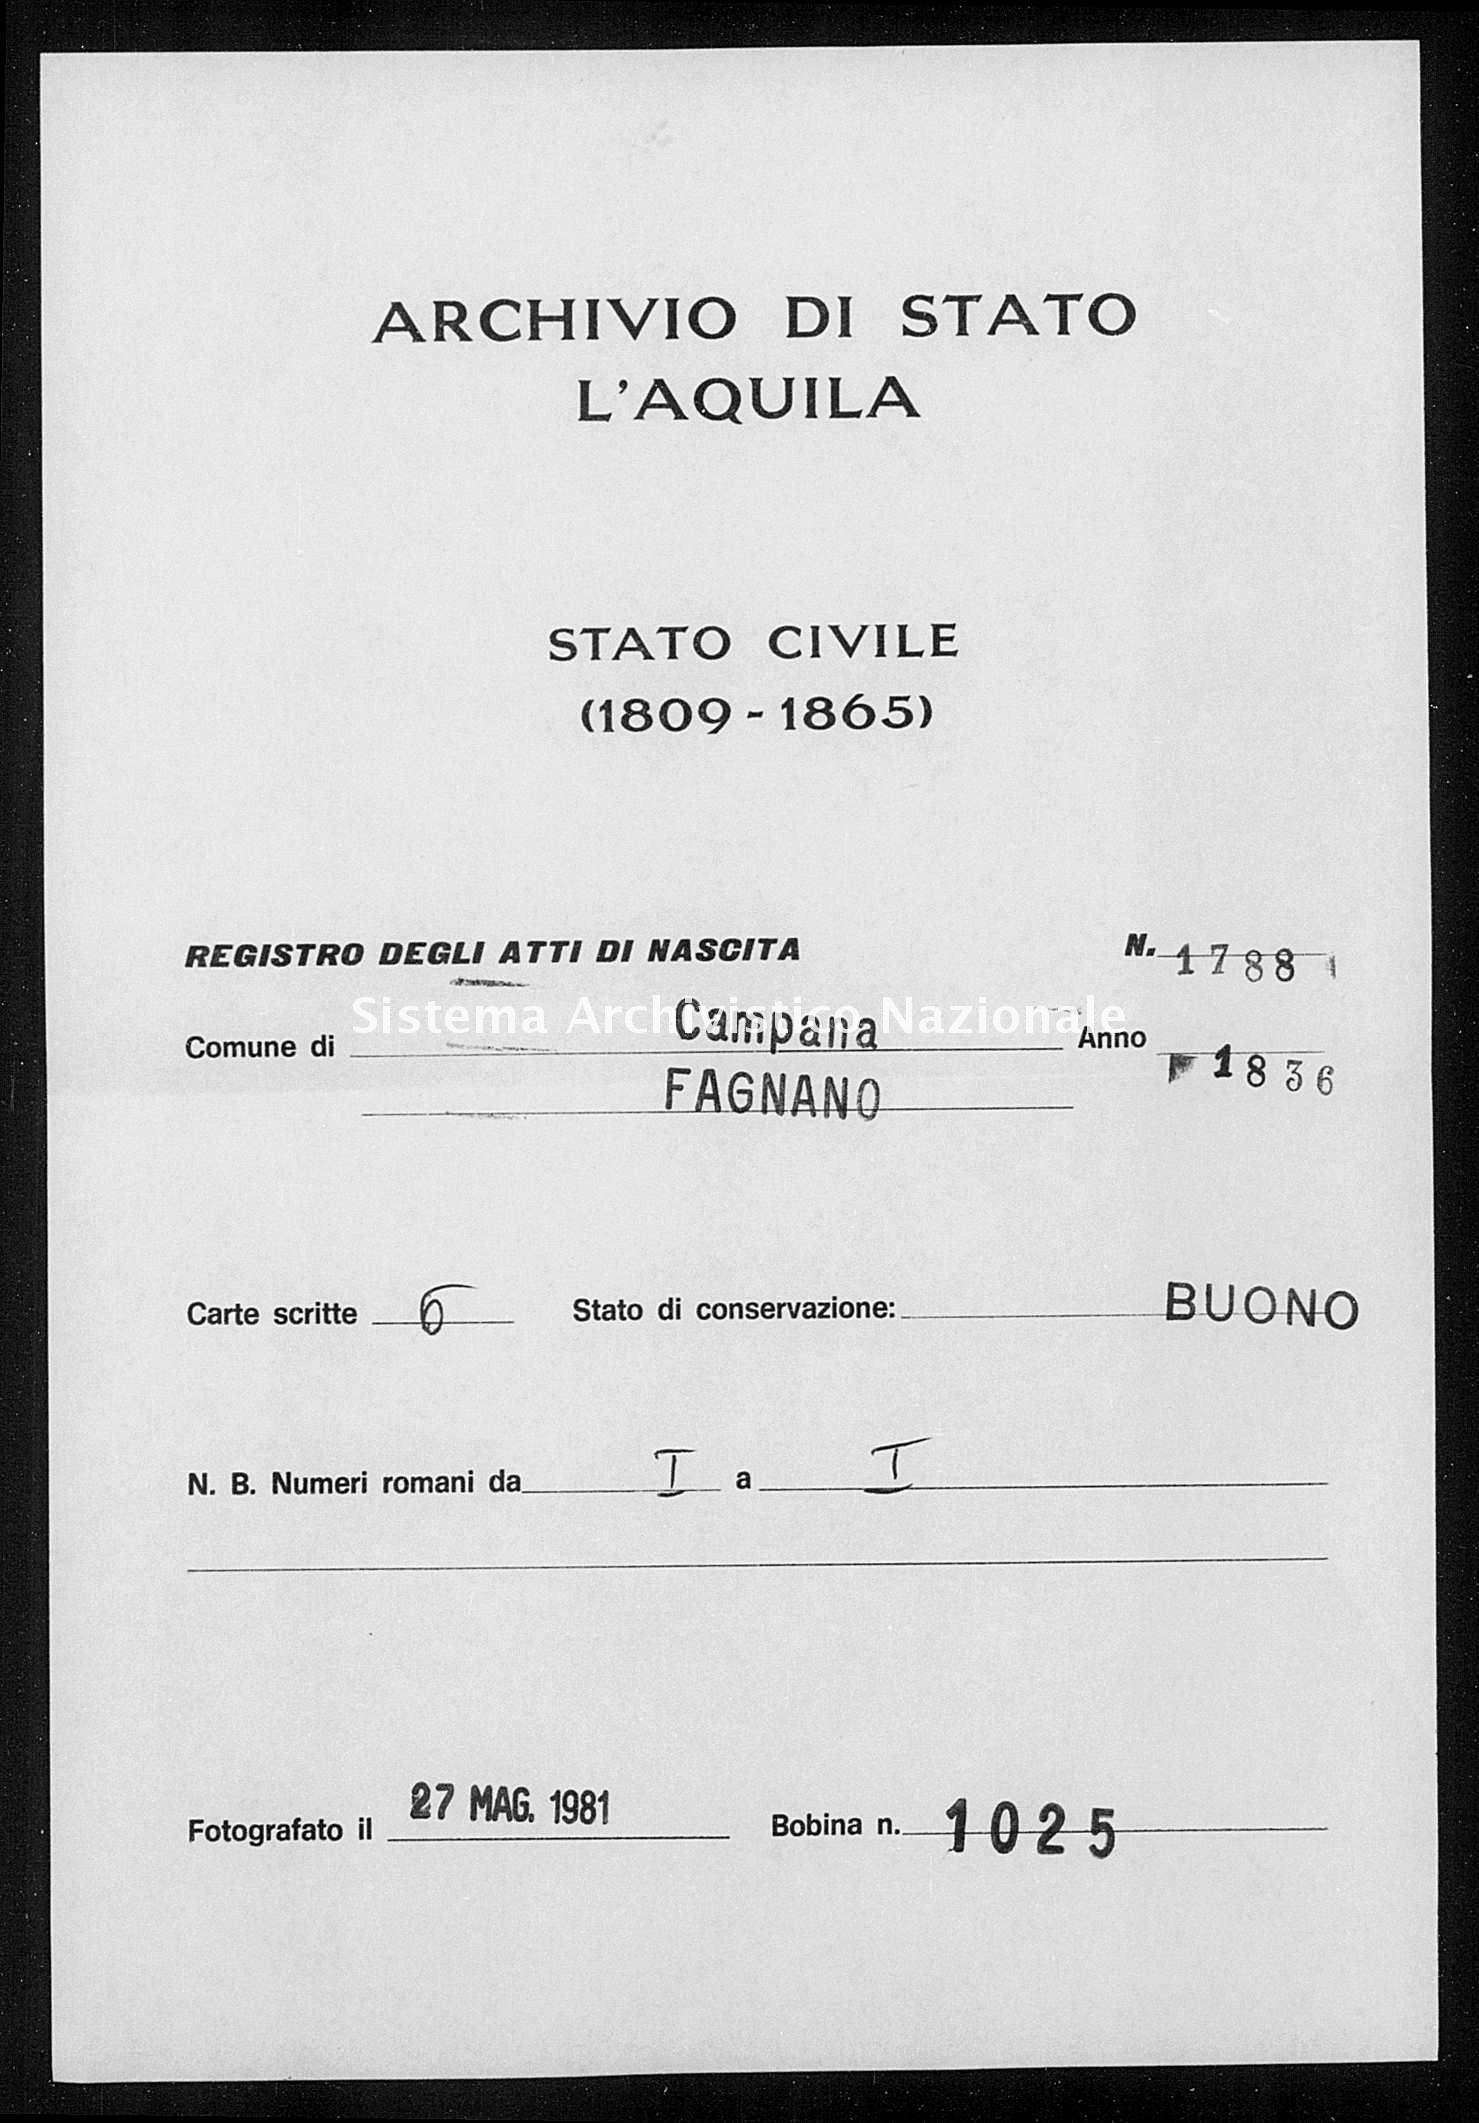 Archivio di stato di L'aquila - Stato civile della restaurazione - Campana - Nati - 1836 - 1788 -